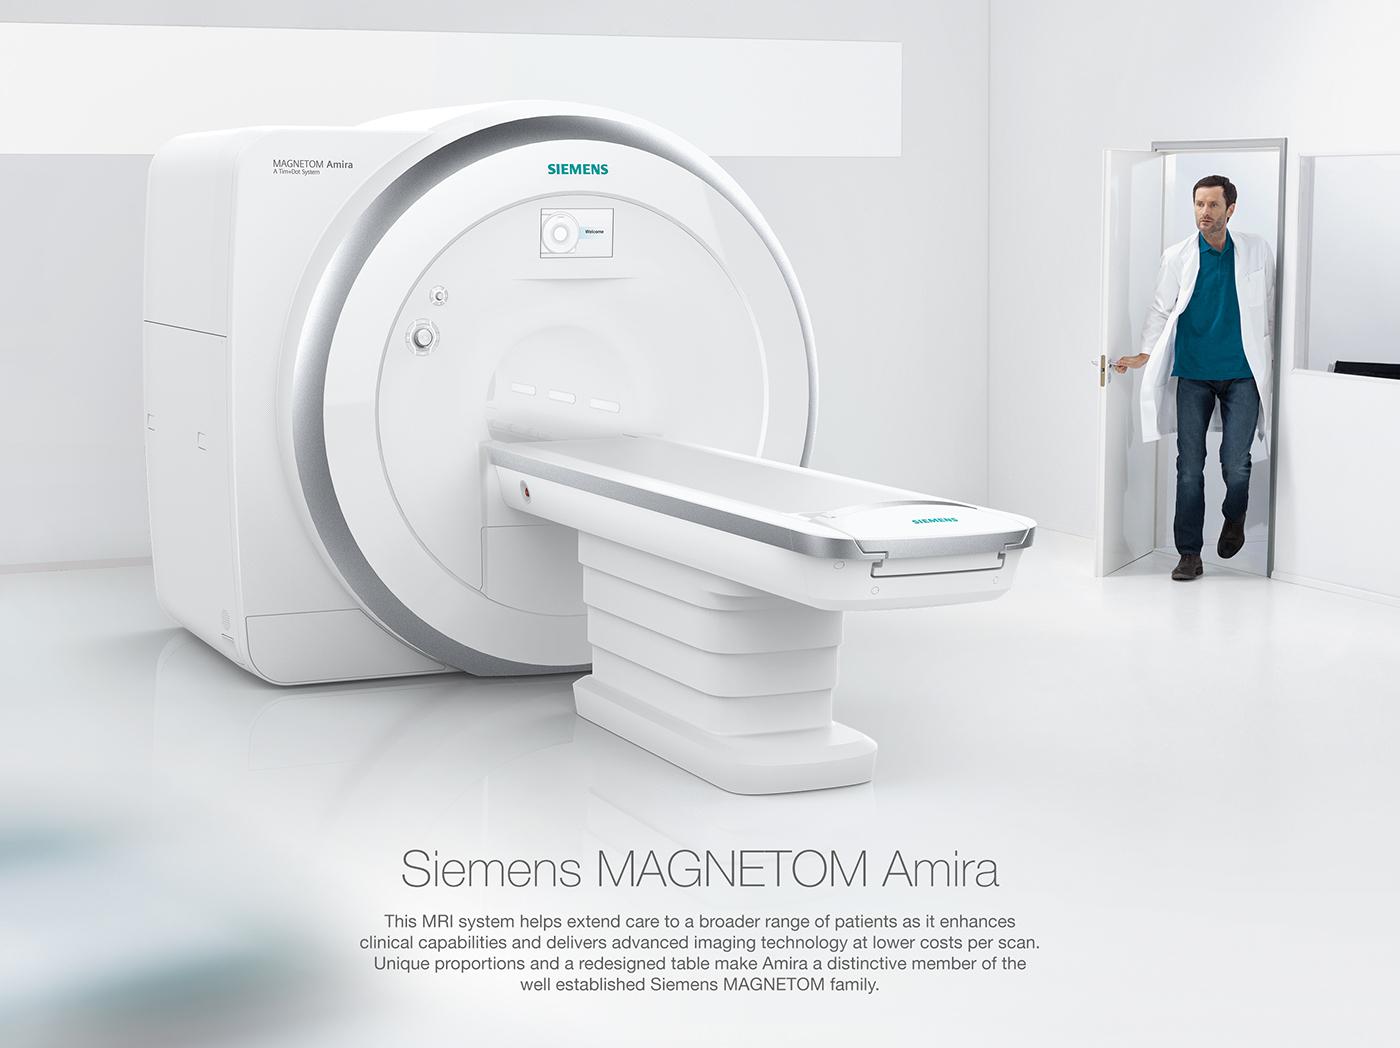 mri medical healthcare scanner sketches 3D Rendering hospital patient human centered design doctor